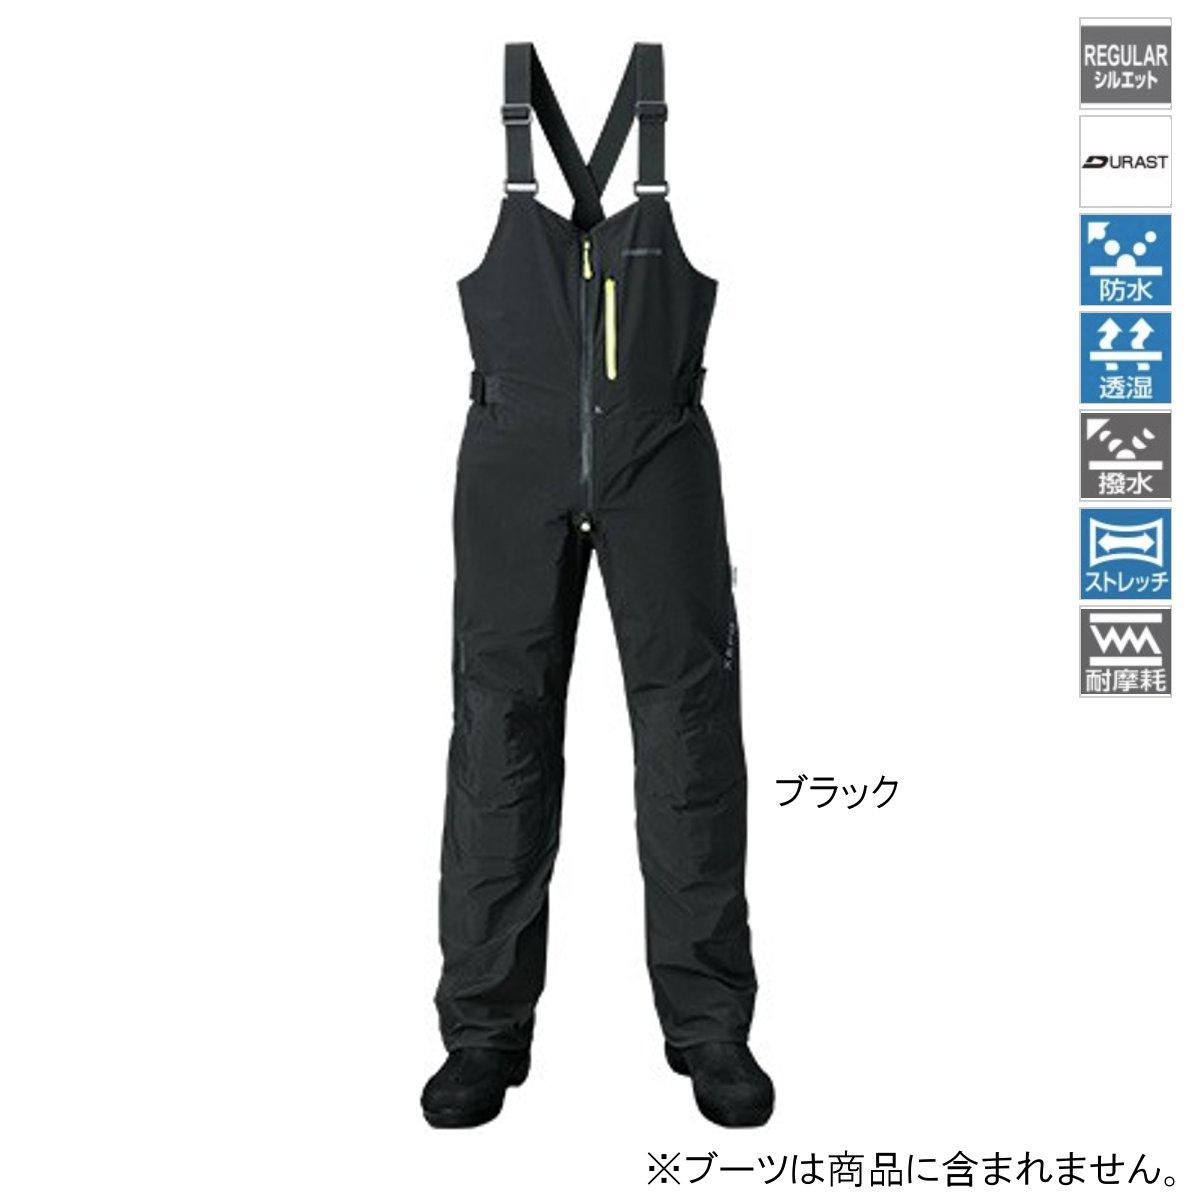 シマノ XEFO・DURASTレインビブ RA-26PS L ブラック【送料無料】